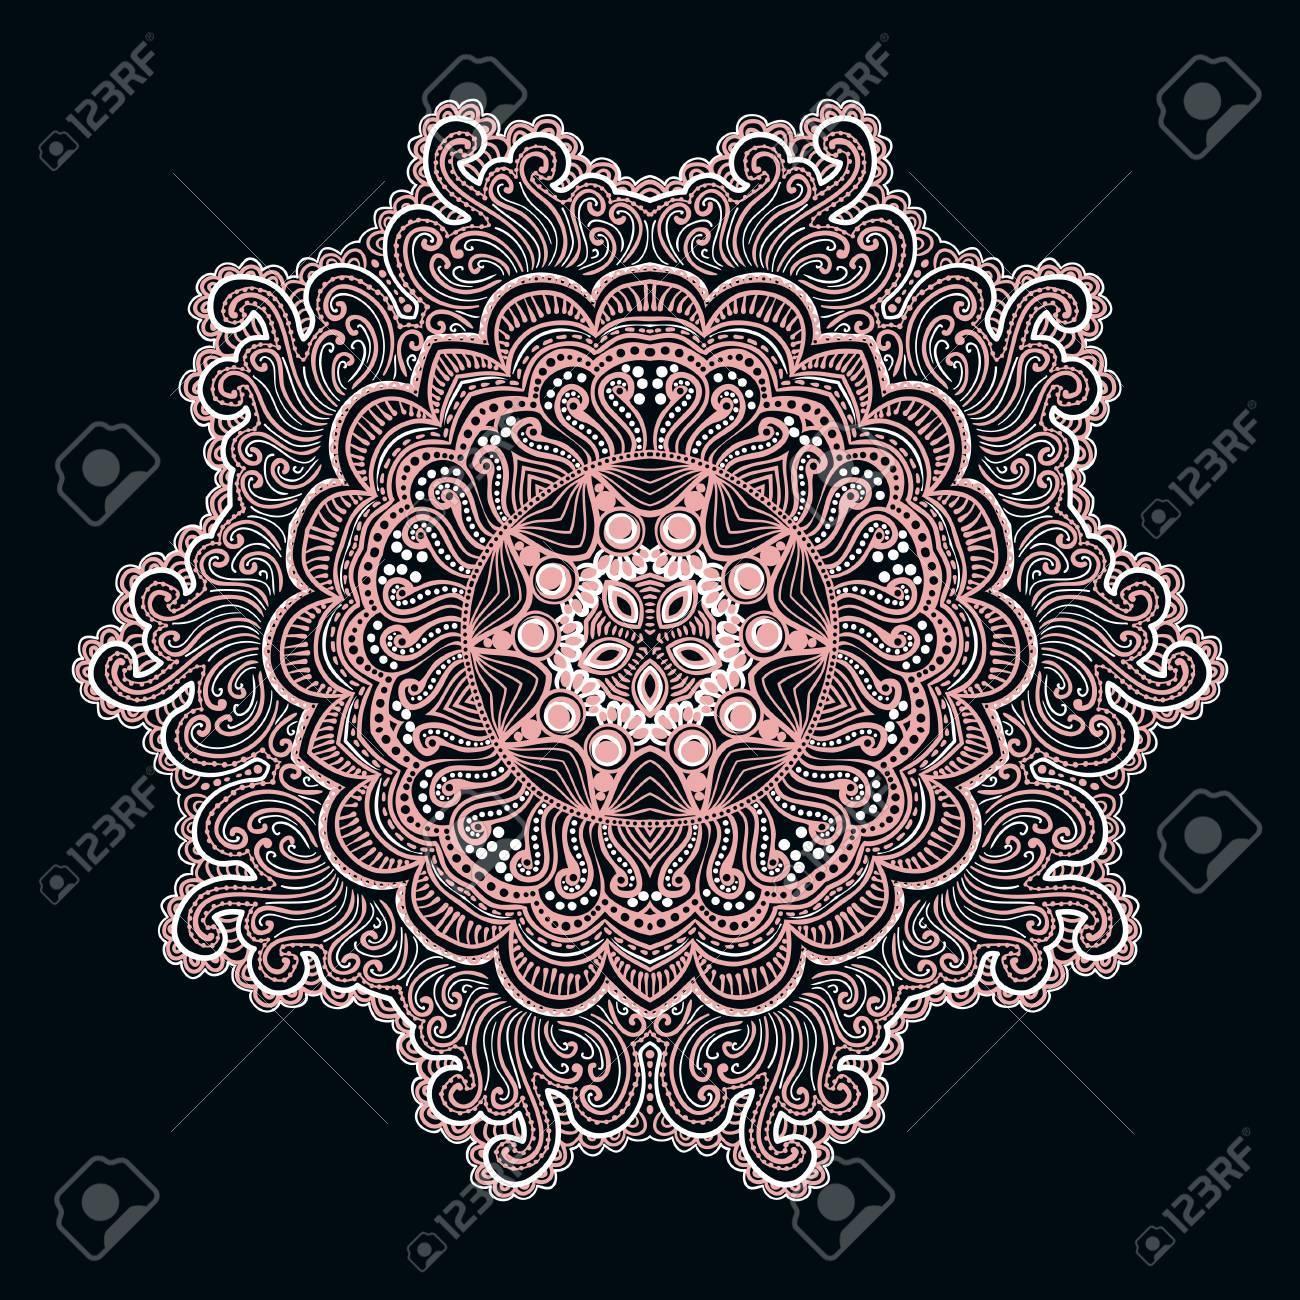 foto de archivo patrn ornamental del cordn redondo fondo crculo con muchos detalles parece ganchillo encaje hecho a mano